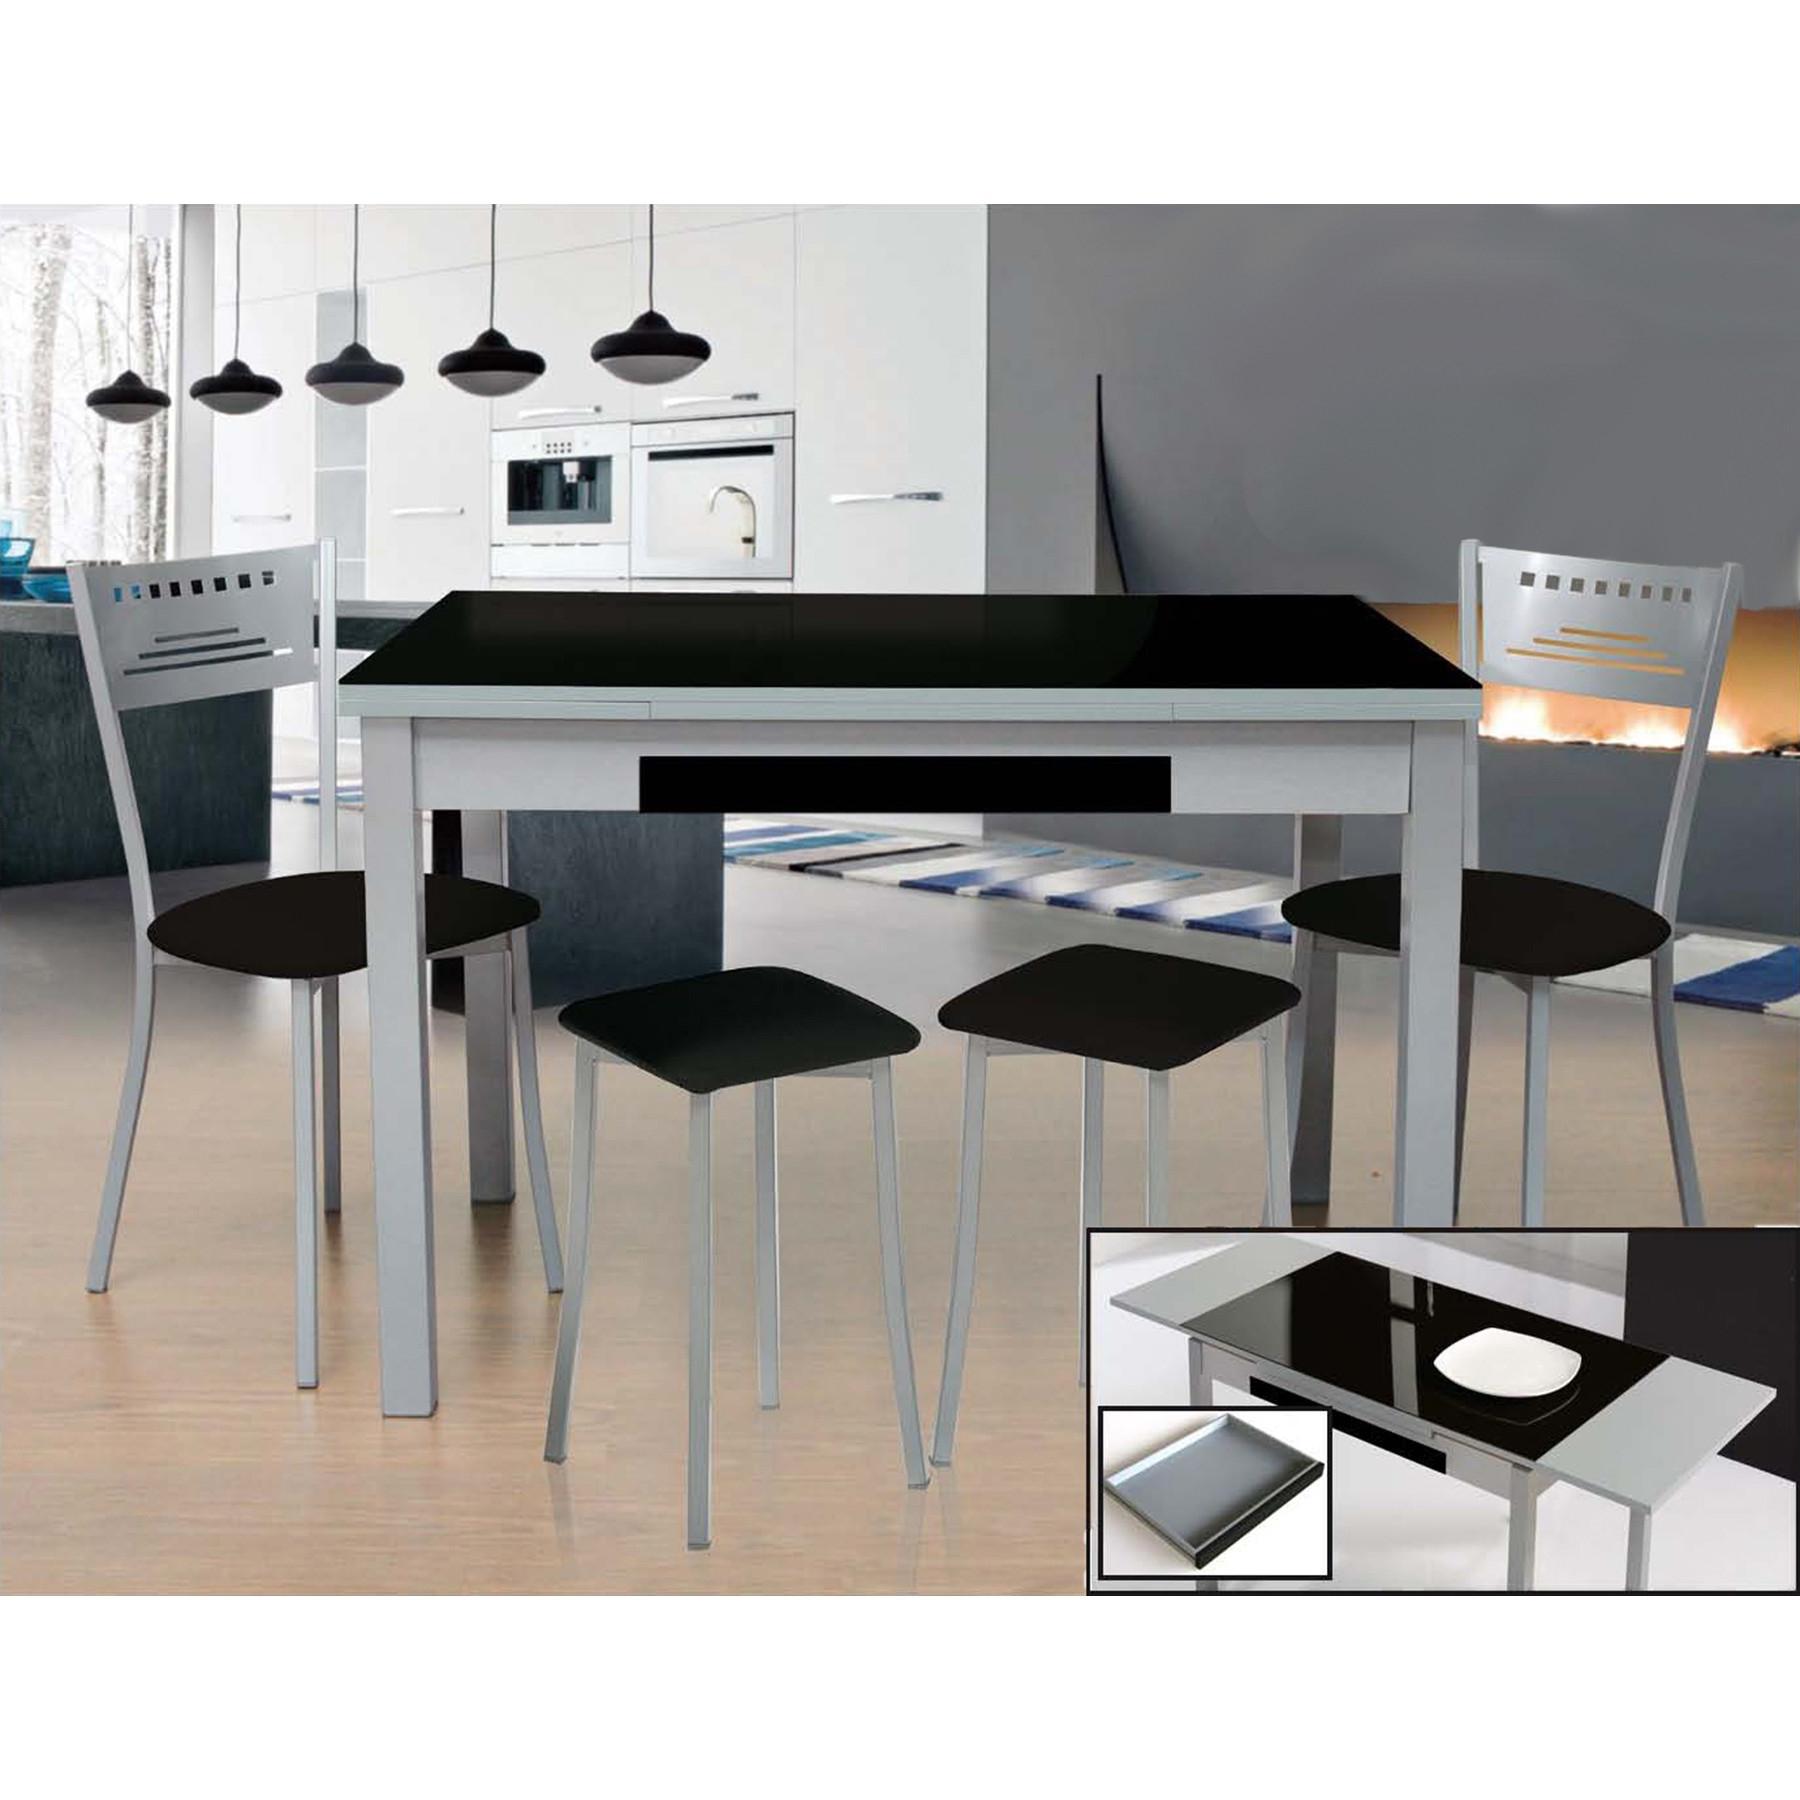 Mesa Cocina Con Taburetes Bqdd Conjunto De Mesa Extensible Sillas Y Taburetes De Cocina Modelo Moon